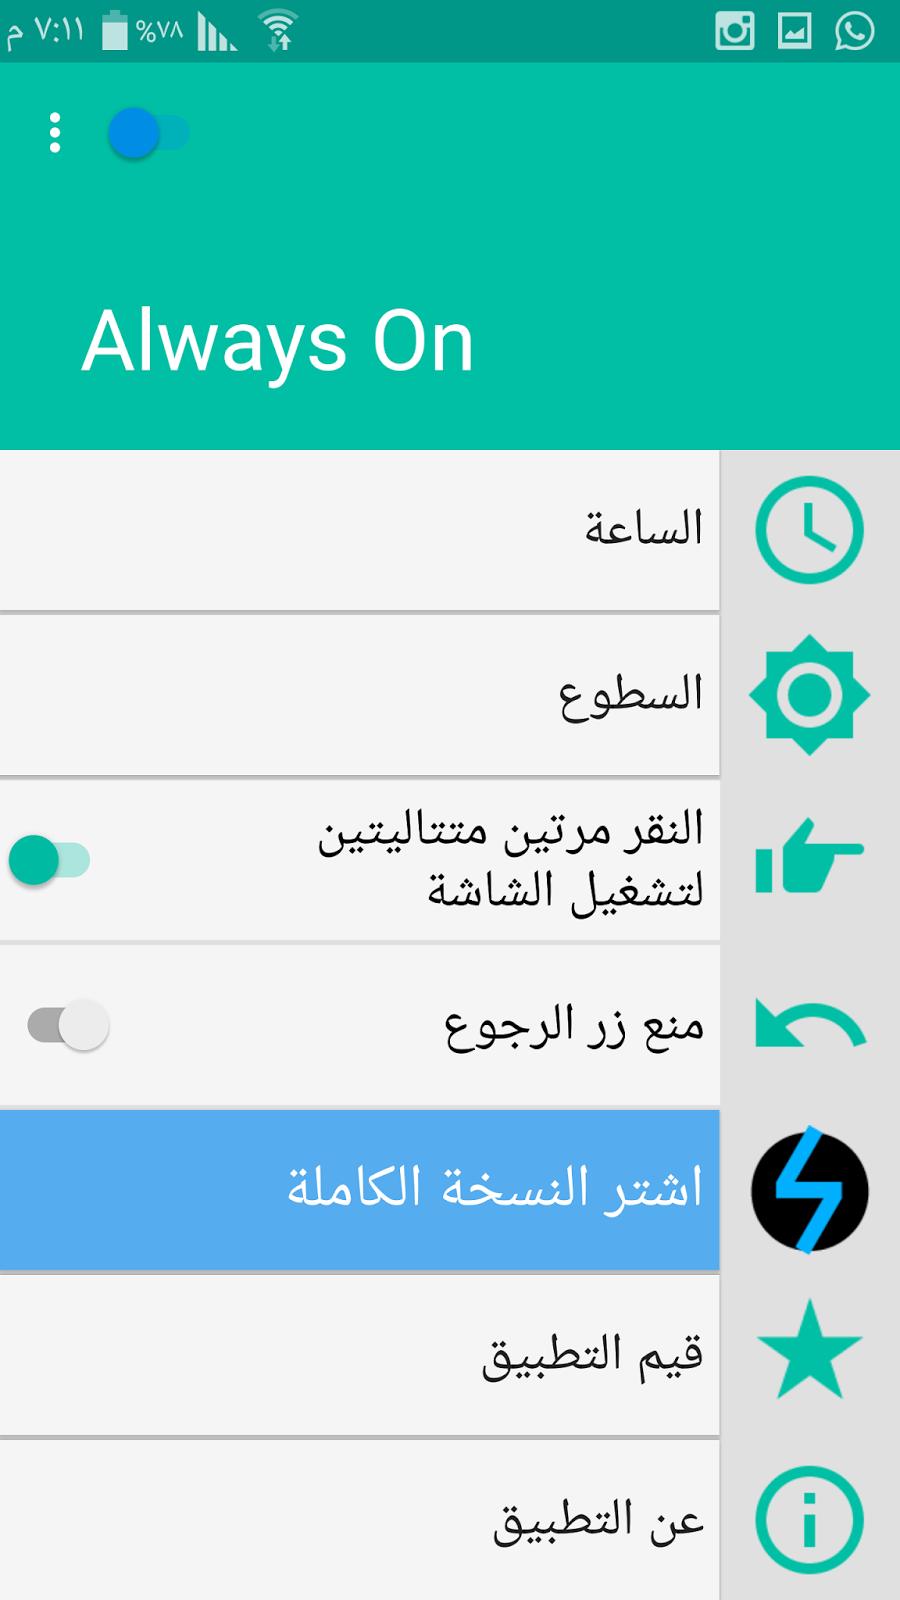 تطبيق Always On لاظهار الساعة وشاشة الهاتف مغلقة | بحرية درويد